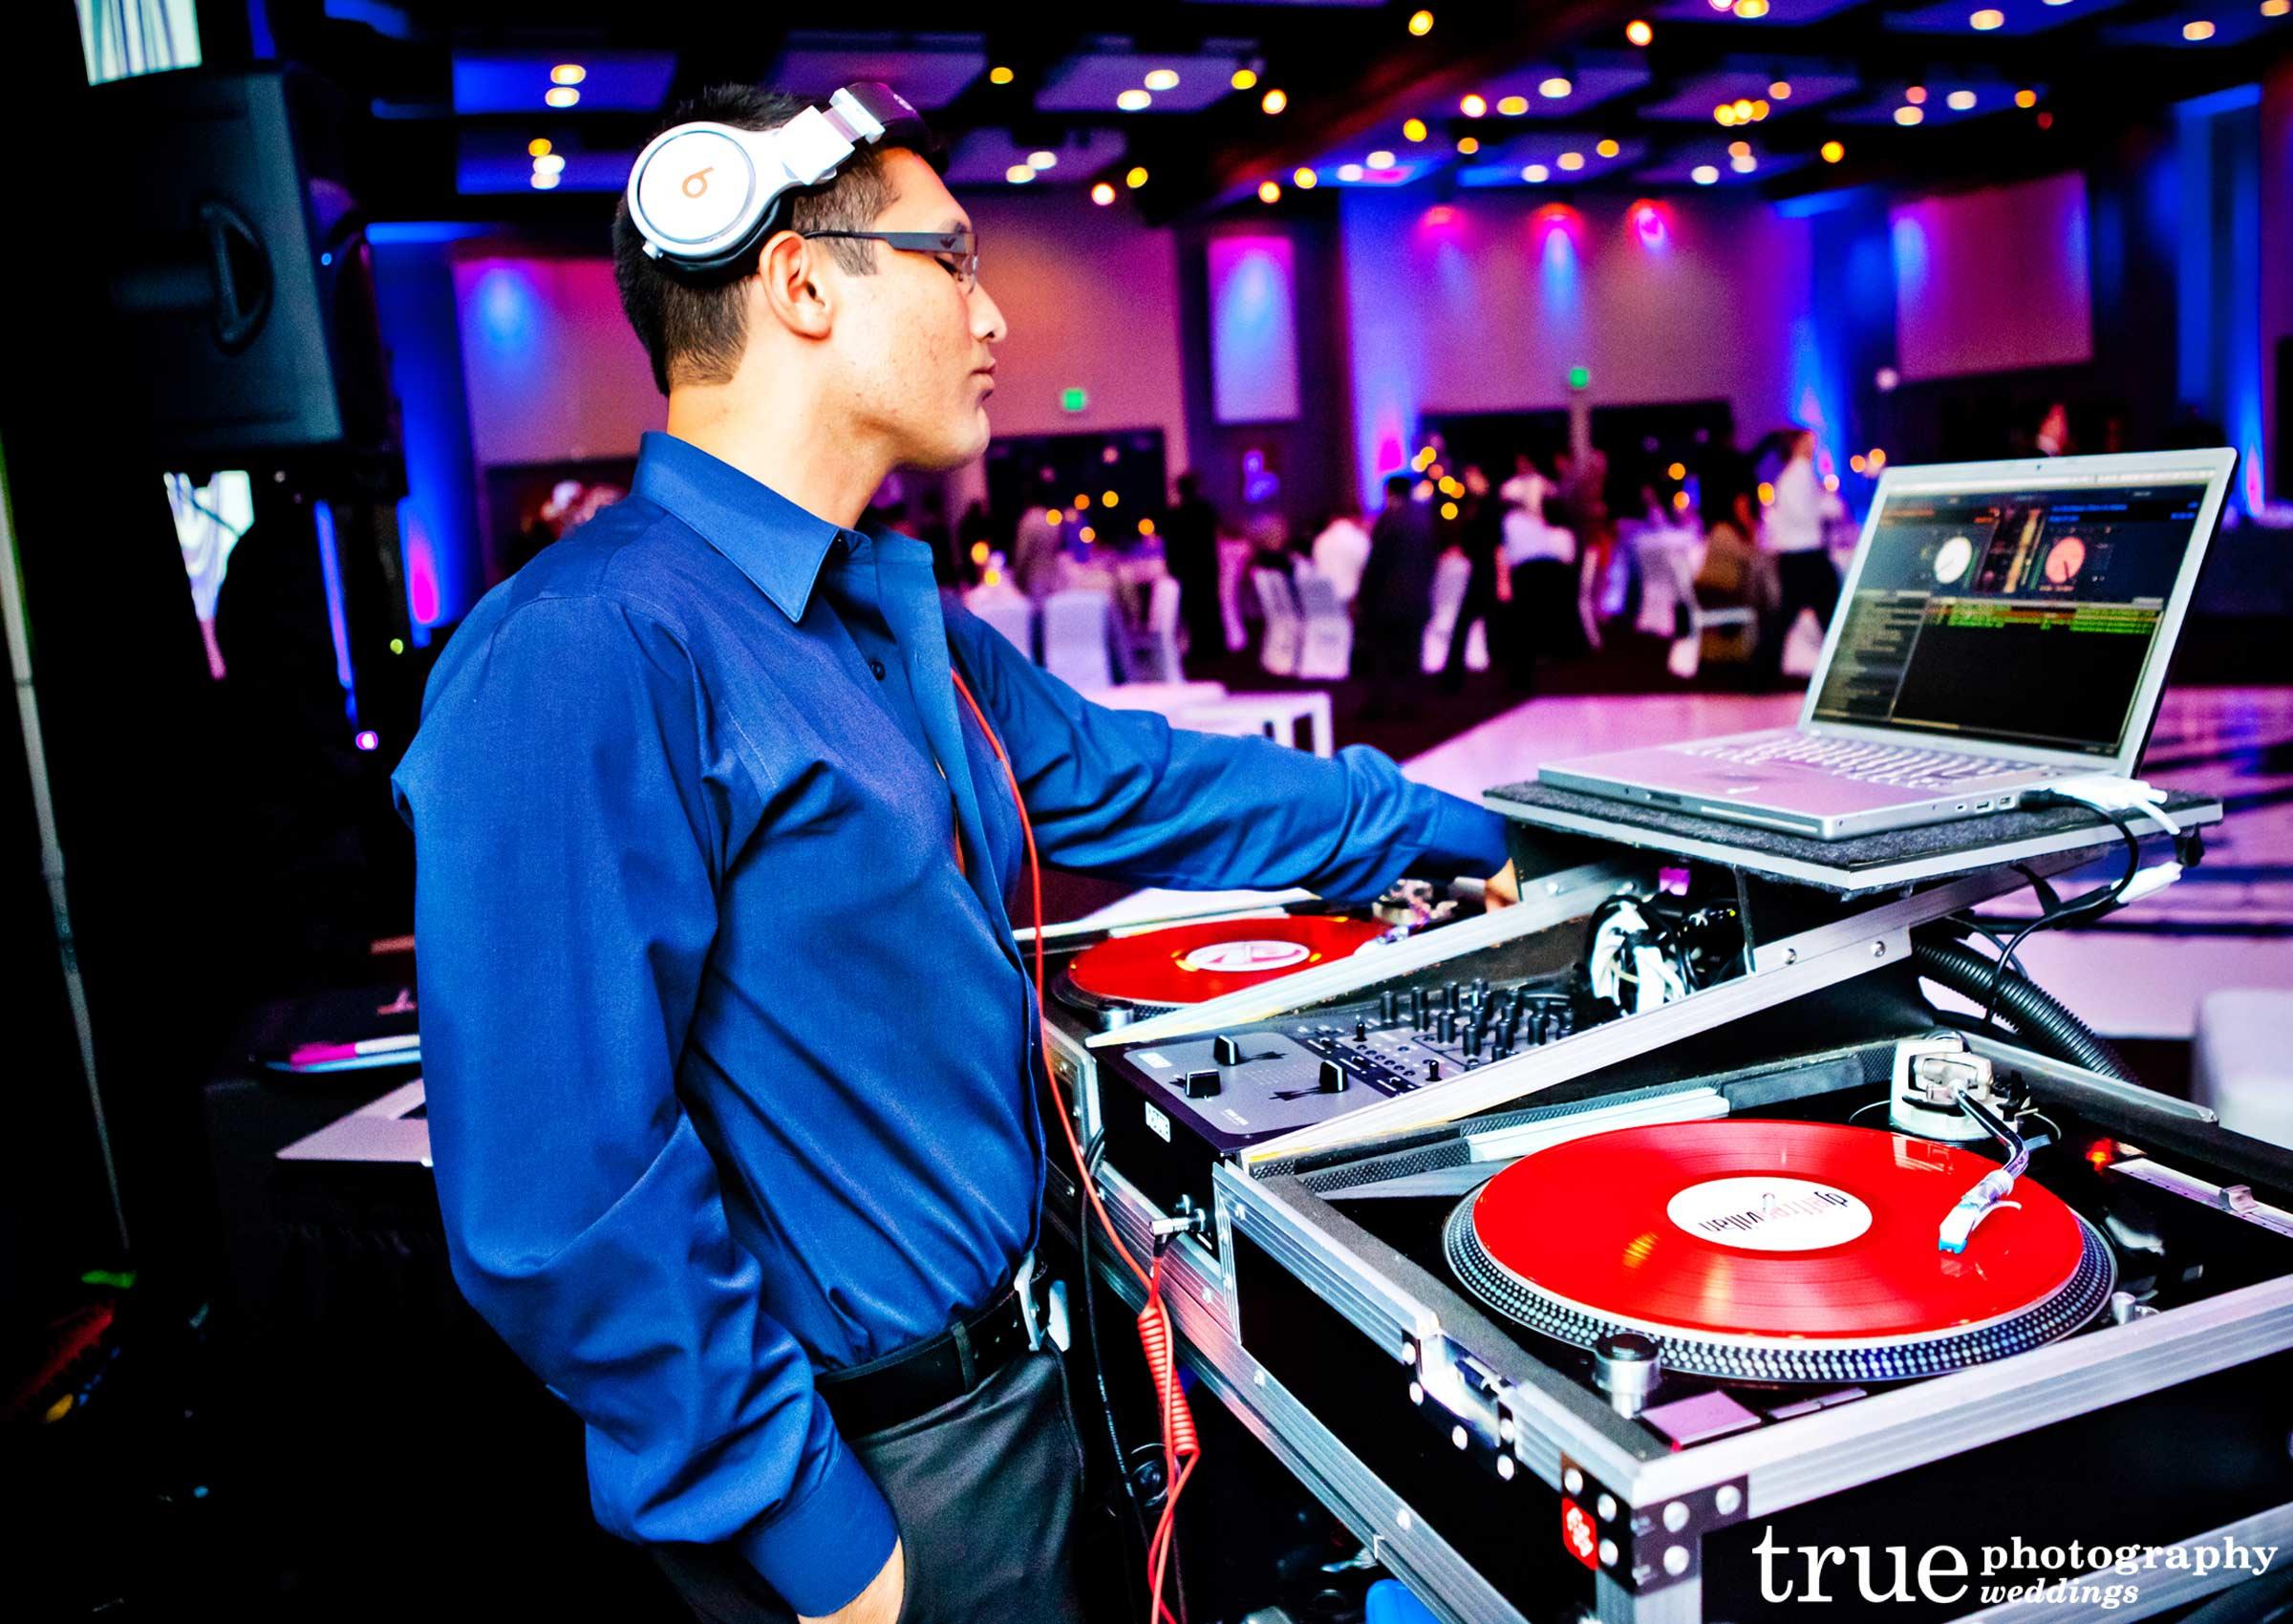 Choosing best wedding djs keels weddings junglespirit Choice Image